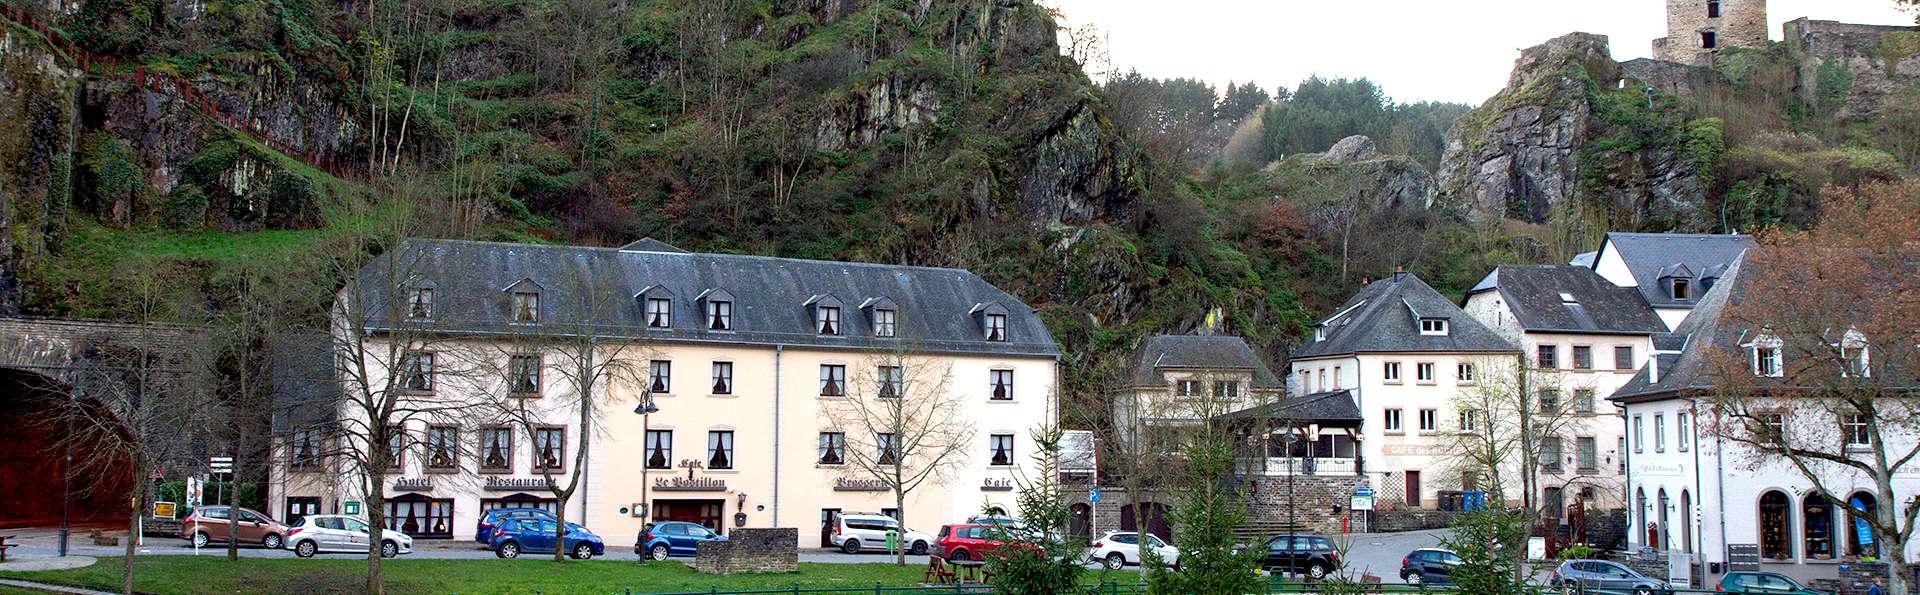 Hotel Le Postillon 2  EschsurSre Luxembourg